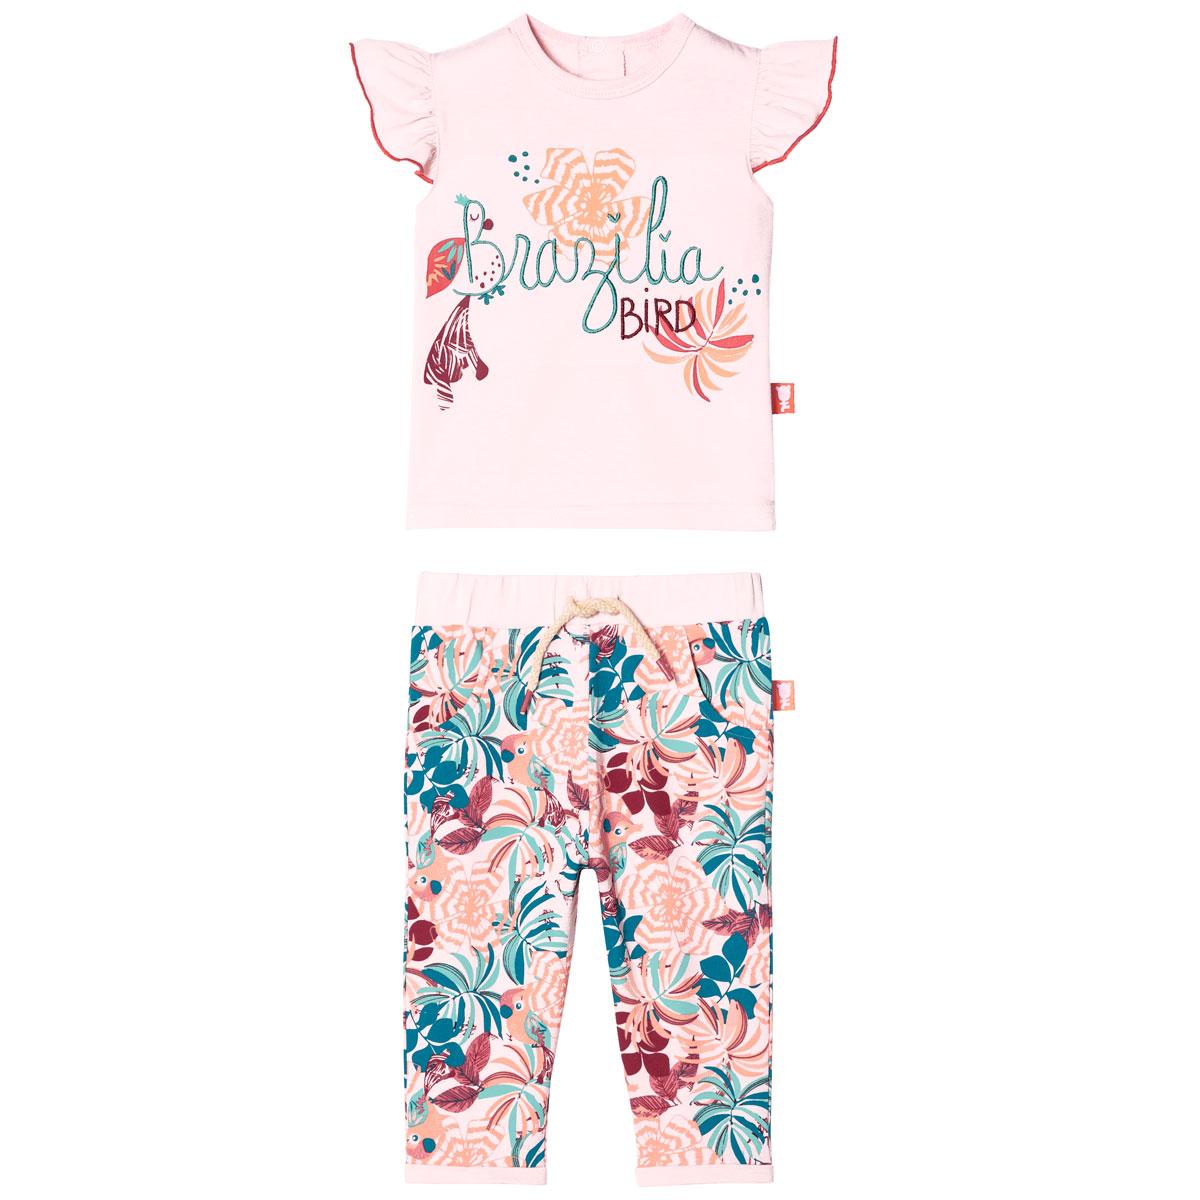 Ensemble bébé fille T-shirt manches courtes + pantalon Brazilia Bird